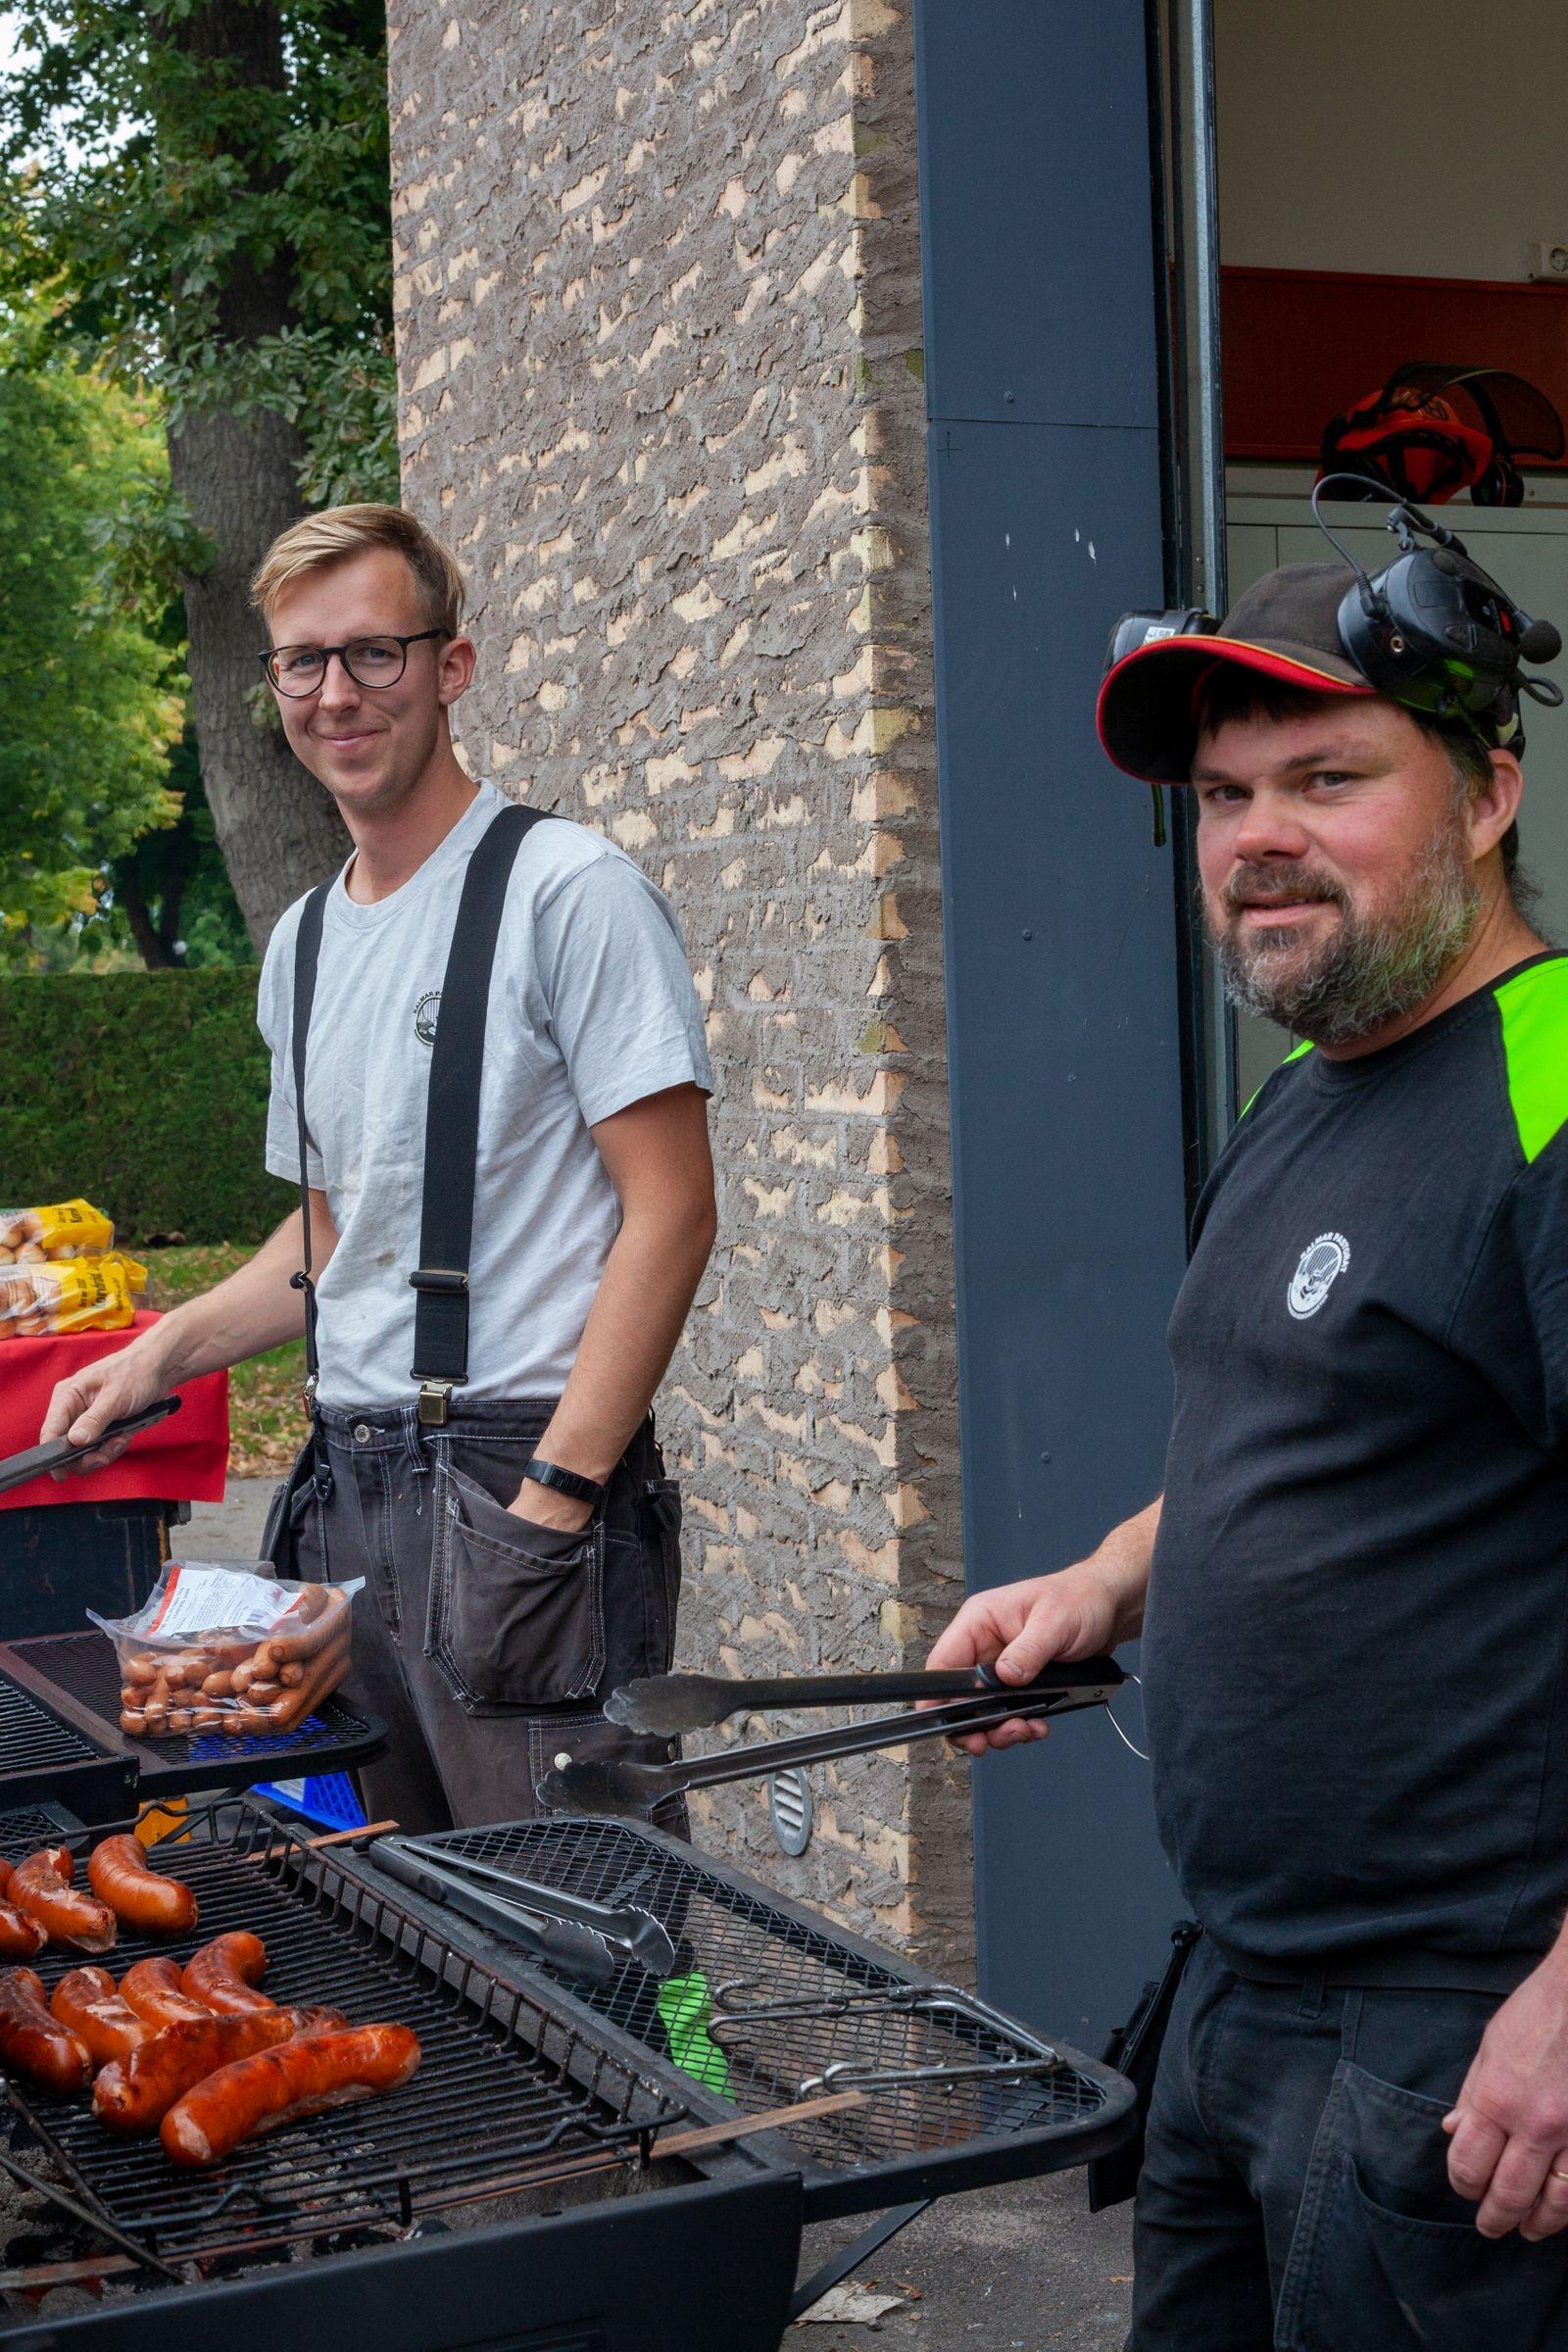 Rasmus Arréhn och Agge Tordsson som till vardags är vaktmästare/grävmaskinister vid Kalmar pastorat var grillmästare på mässan och bjöd besökare på korv.